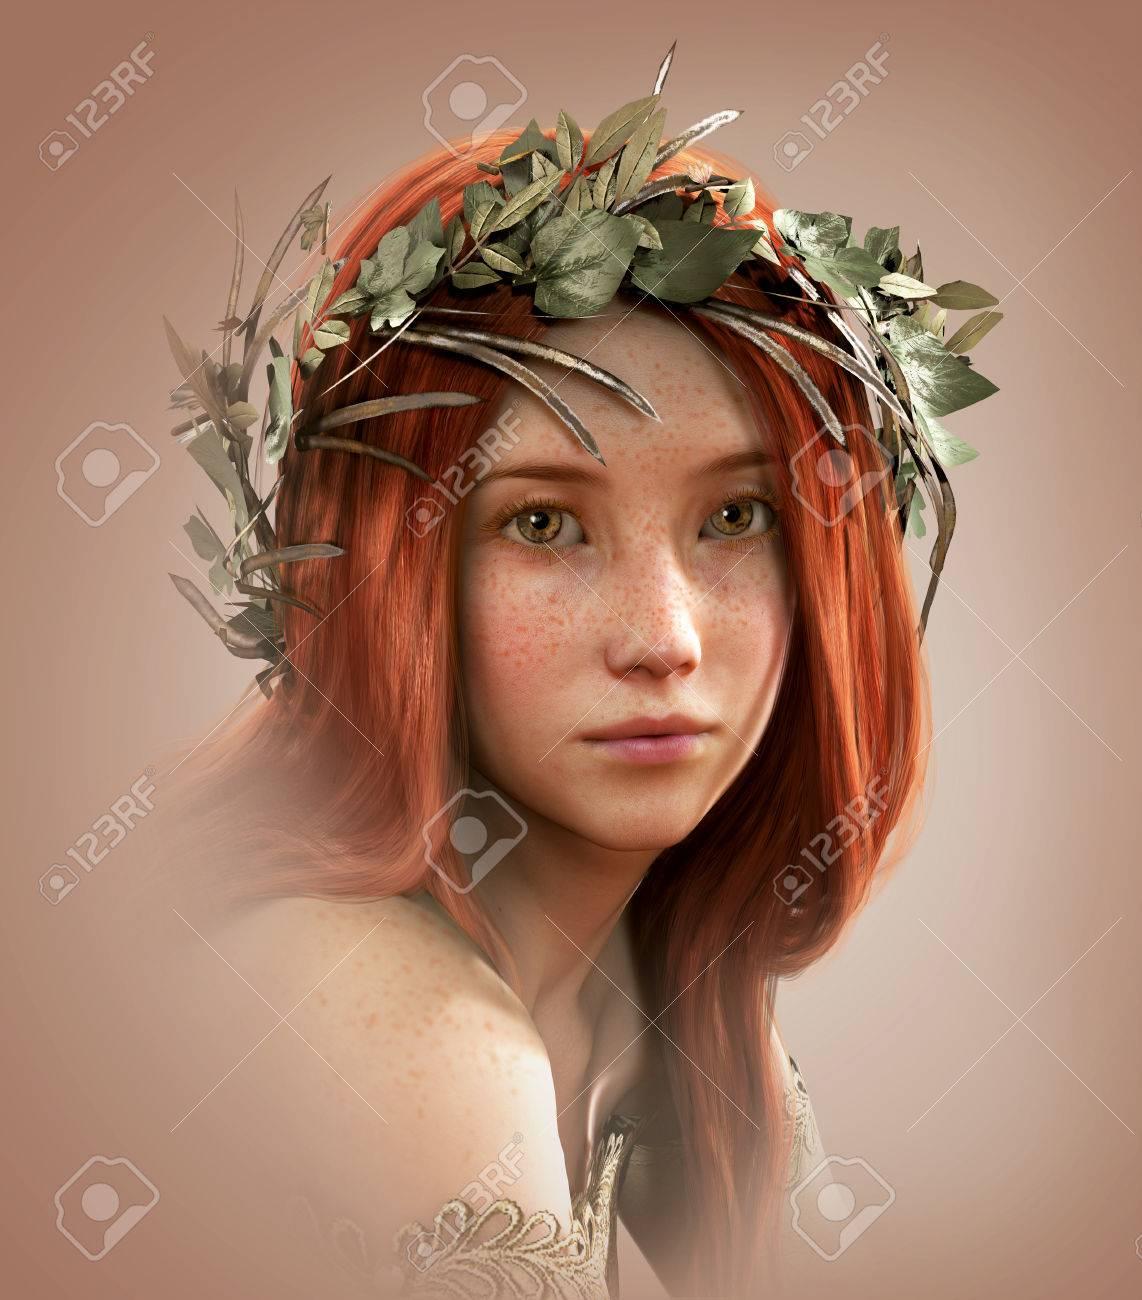 musica celtica 52623705-3d-computer-grafica-di-un-ritratto-di-una-giovane-ragazza-con-i-capelli-rossi-e-le-lentiggini-Archivio-Fotografico